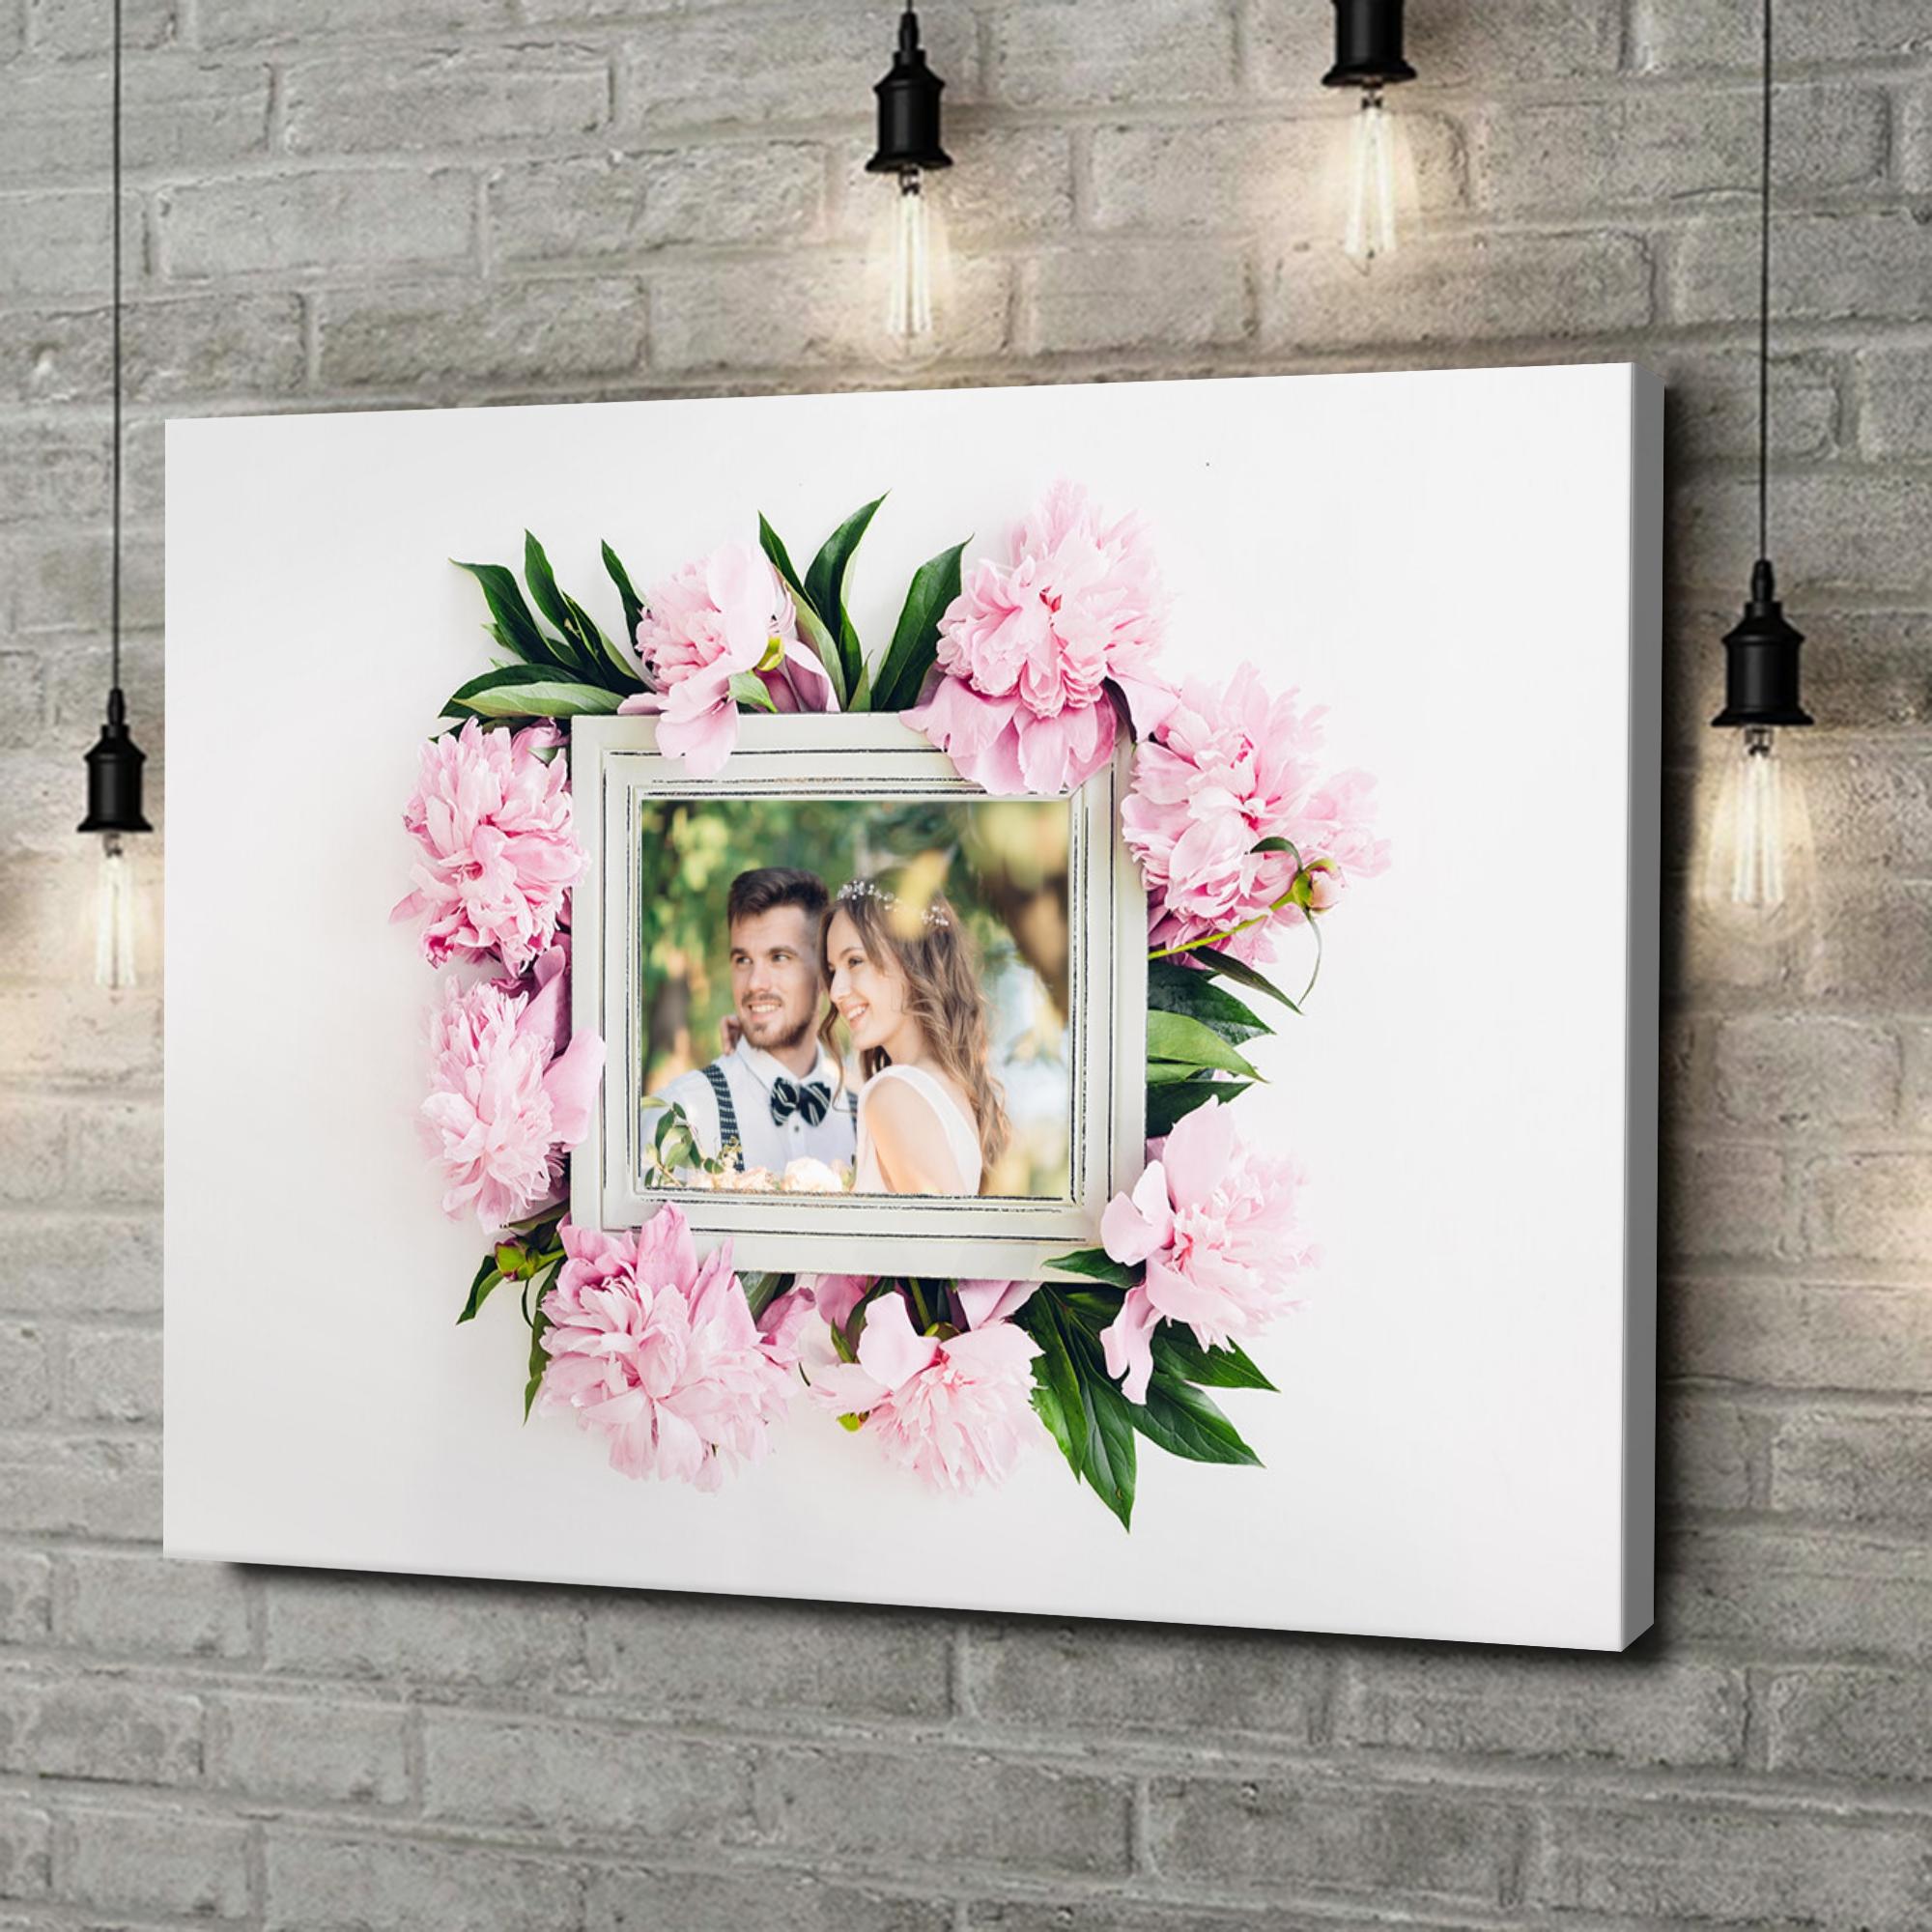 Leinwandbild personalisiert Hintergrund: Blumenschmuck